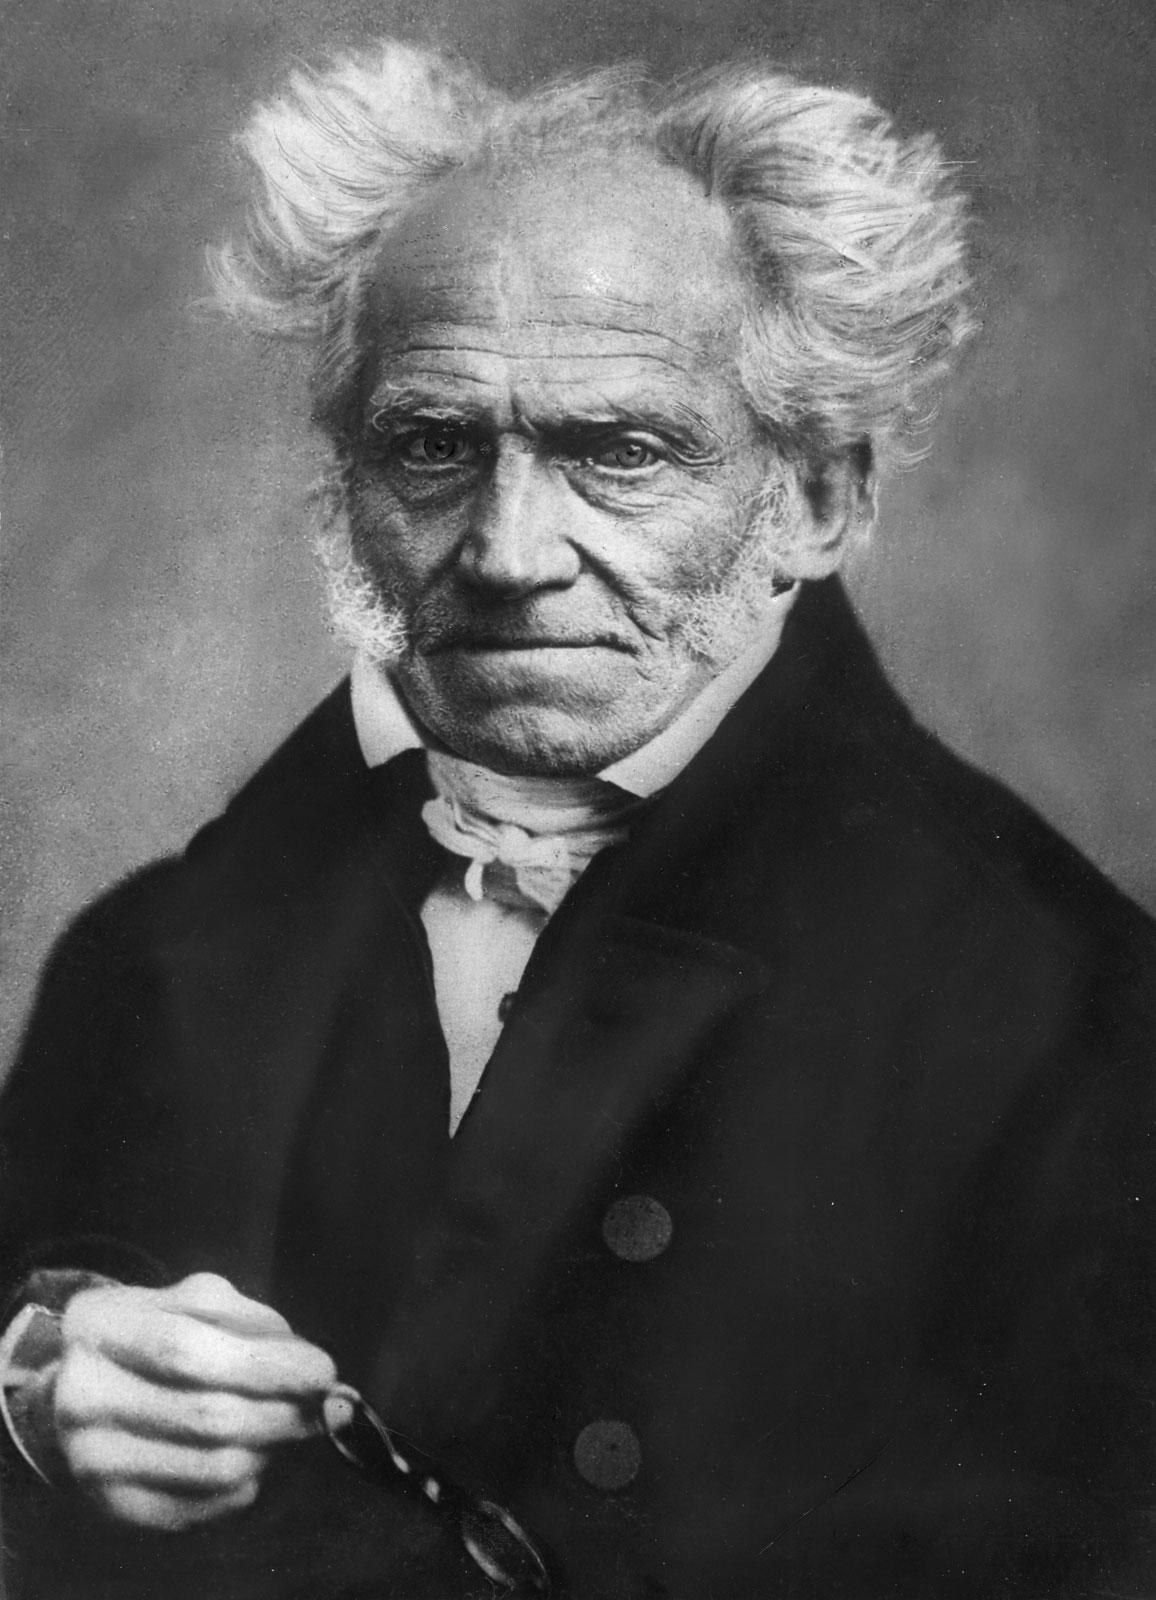 آرثر شوبنهاور.. سيرة ذاتية - الفلسفة الوجودية - فيلسوف التشاؤم - علم النفس الفرويدي - فلسفة الحياة والفلسفة الوجودية والأنثروبولوجيا